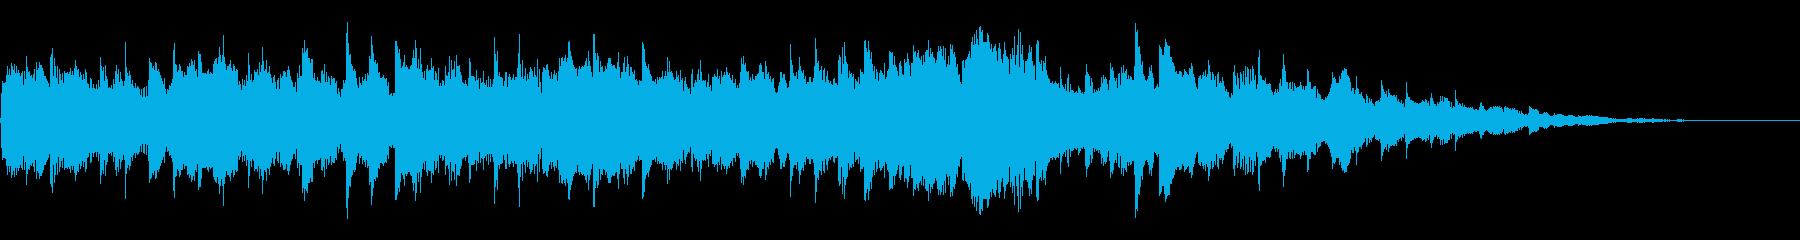 キラキラしたサウンドトラックの再生済みの波形